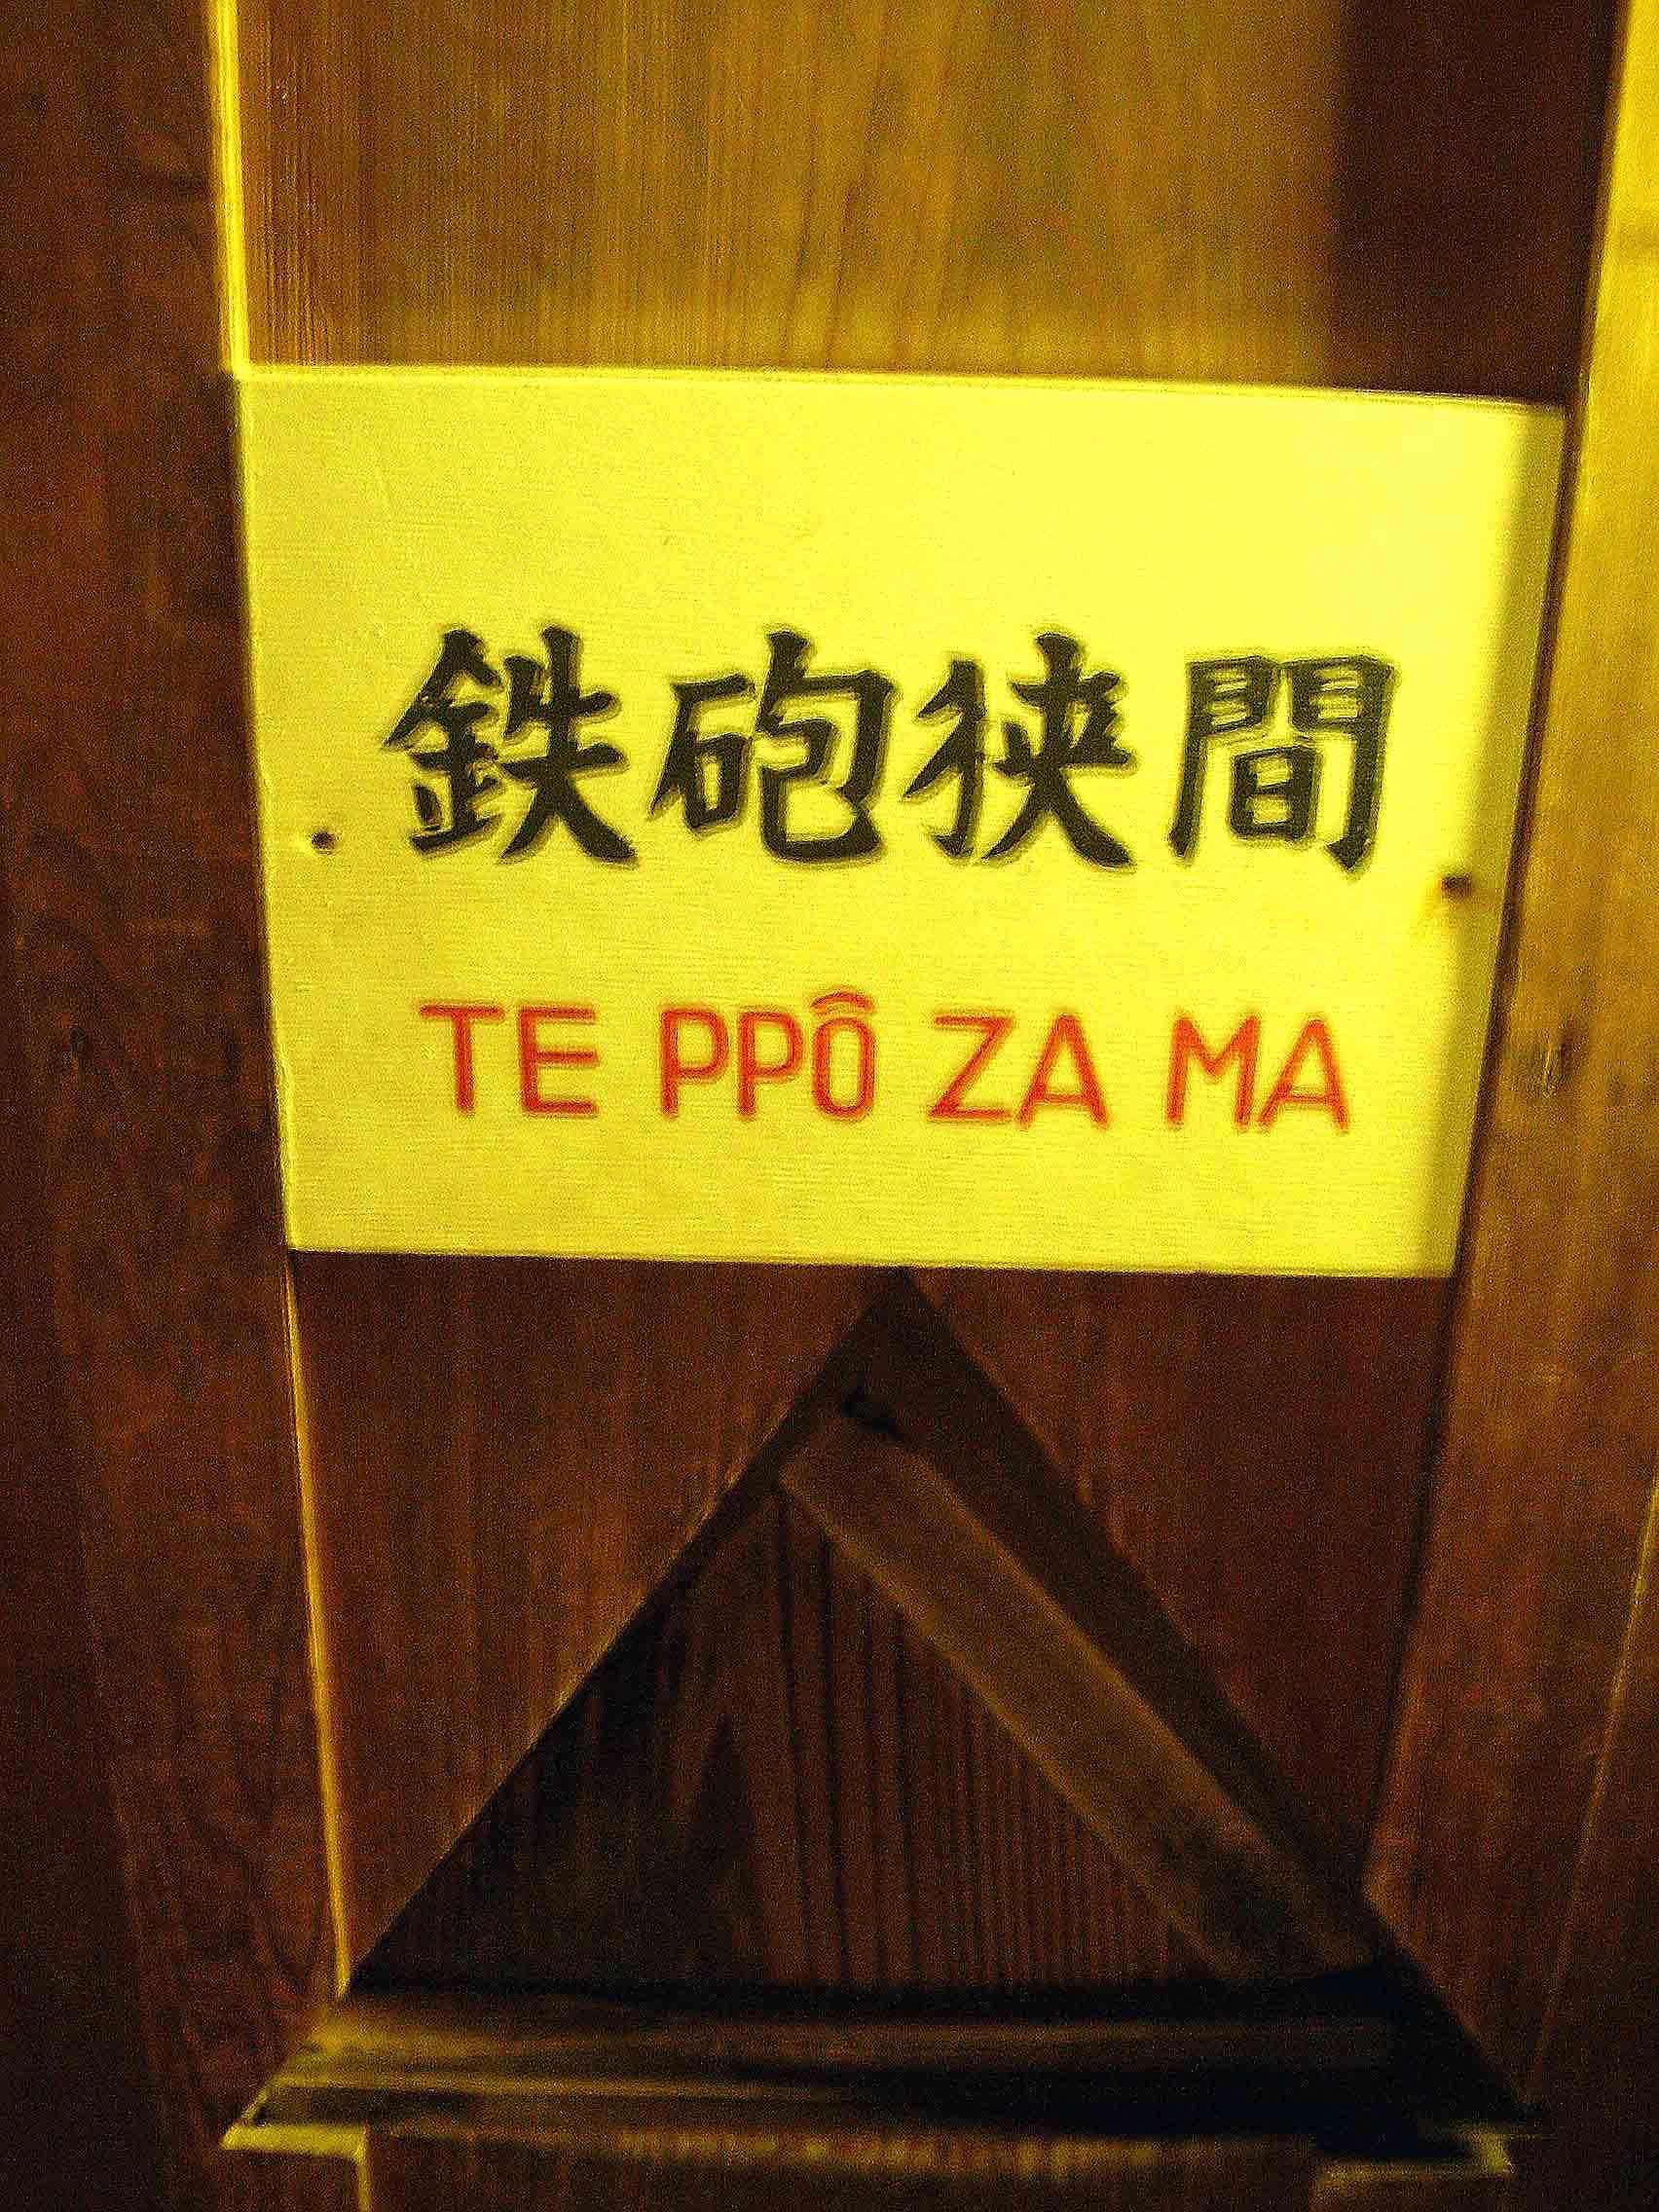 そこは「夢京橋キャッスルロード」。ここに並ぶお店には、特選近江牛と一品料理の店\u201d焼牛 たかし\u201dさん、人気の焼酎からカクテル、お食事メニューも充実している、